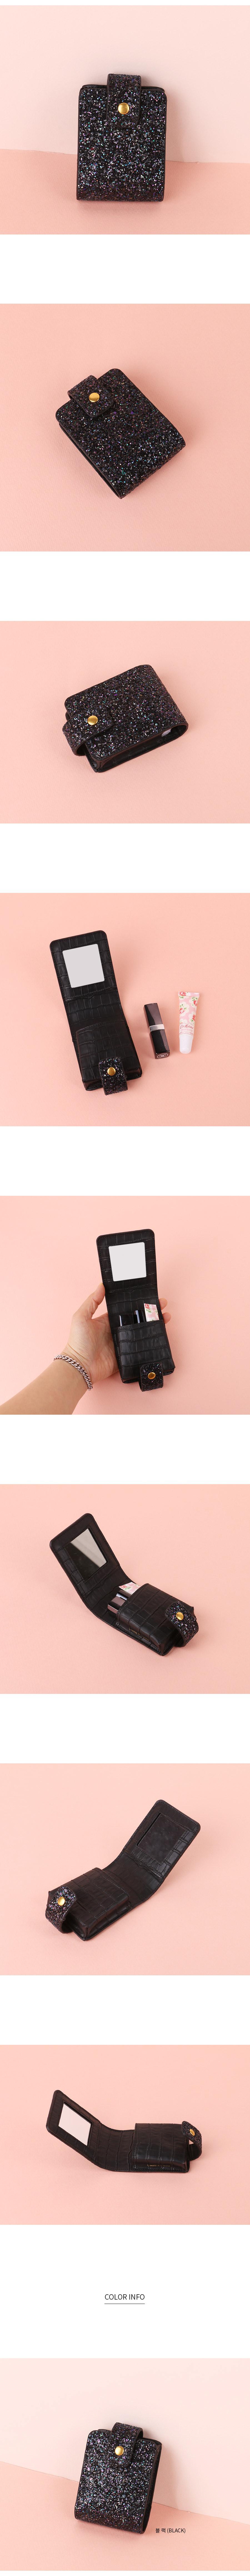 글루터 미니 립스틱 거울파우치 - 릴리, 38,400원, 다용도파우치, 지퍼형